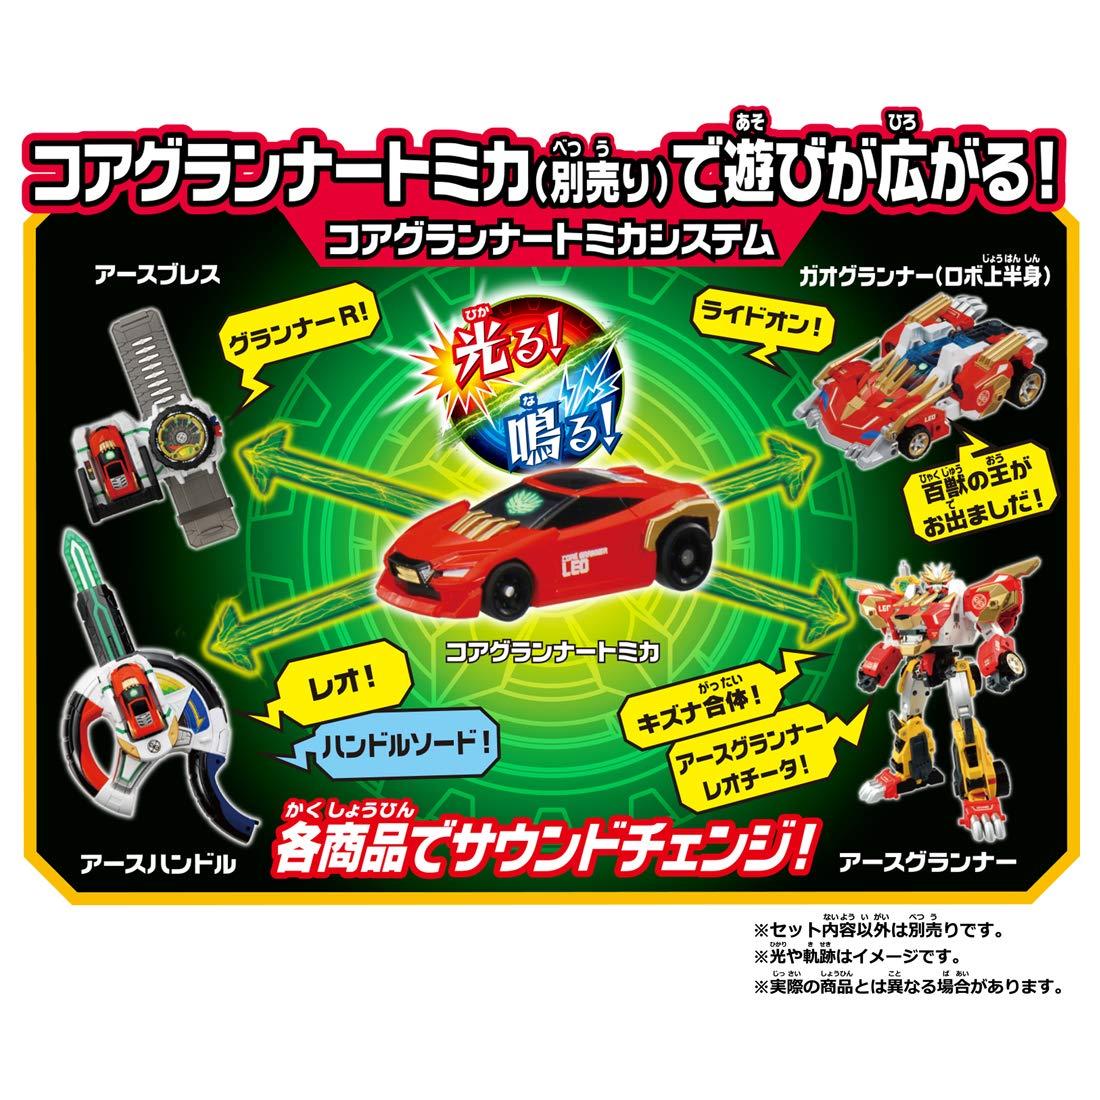 トミカ絆合体 アースグランナー『アースブレス&アースハンドル シフトチェンジDXセット』変身なりきり-015